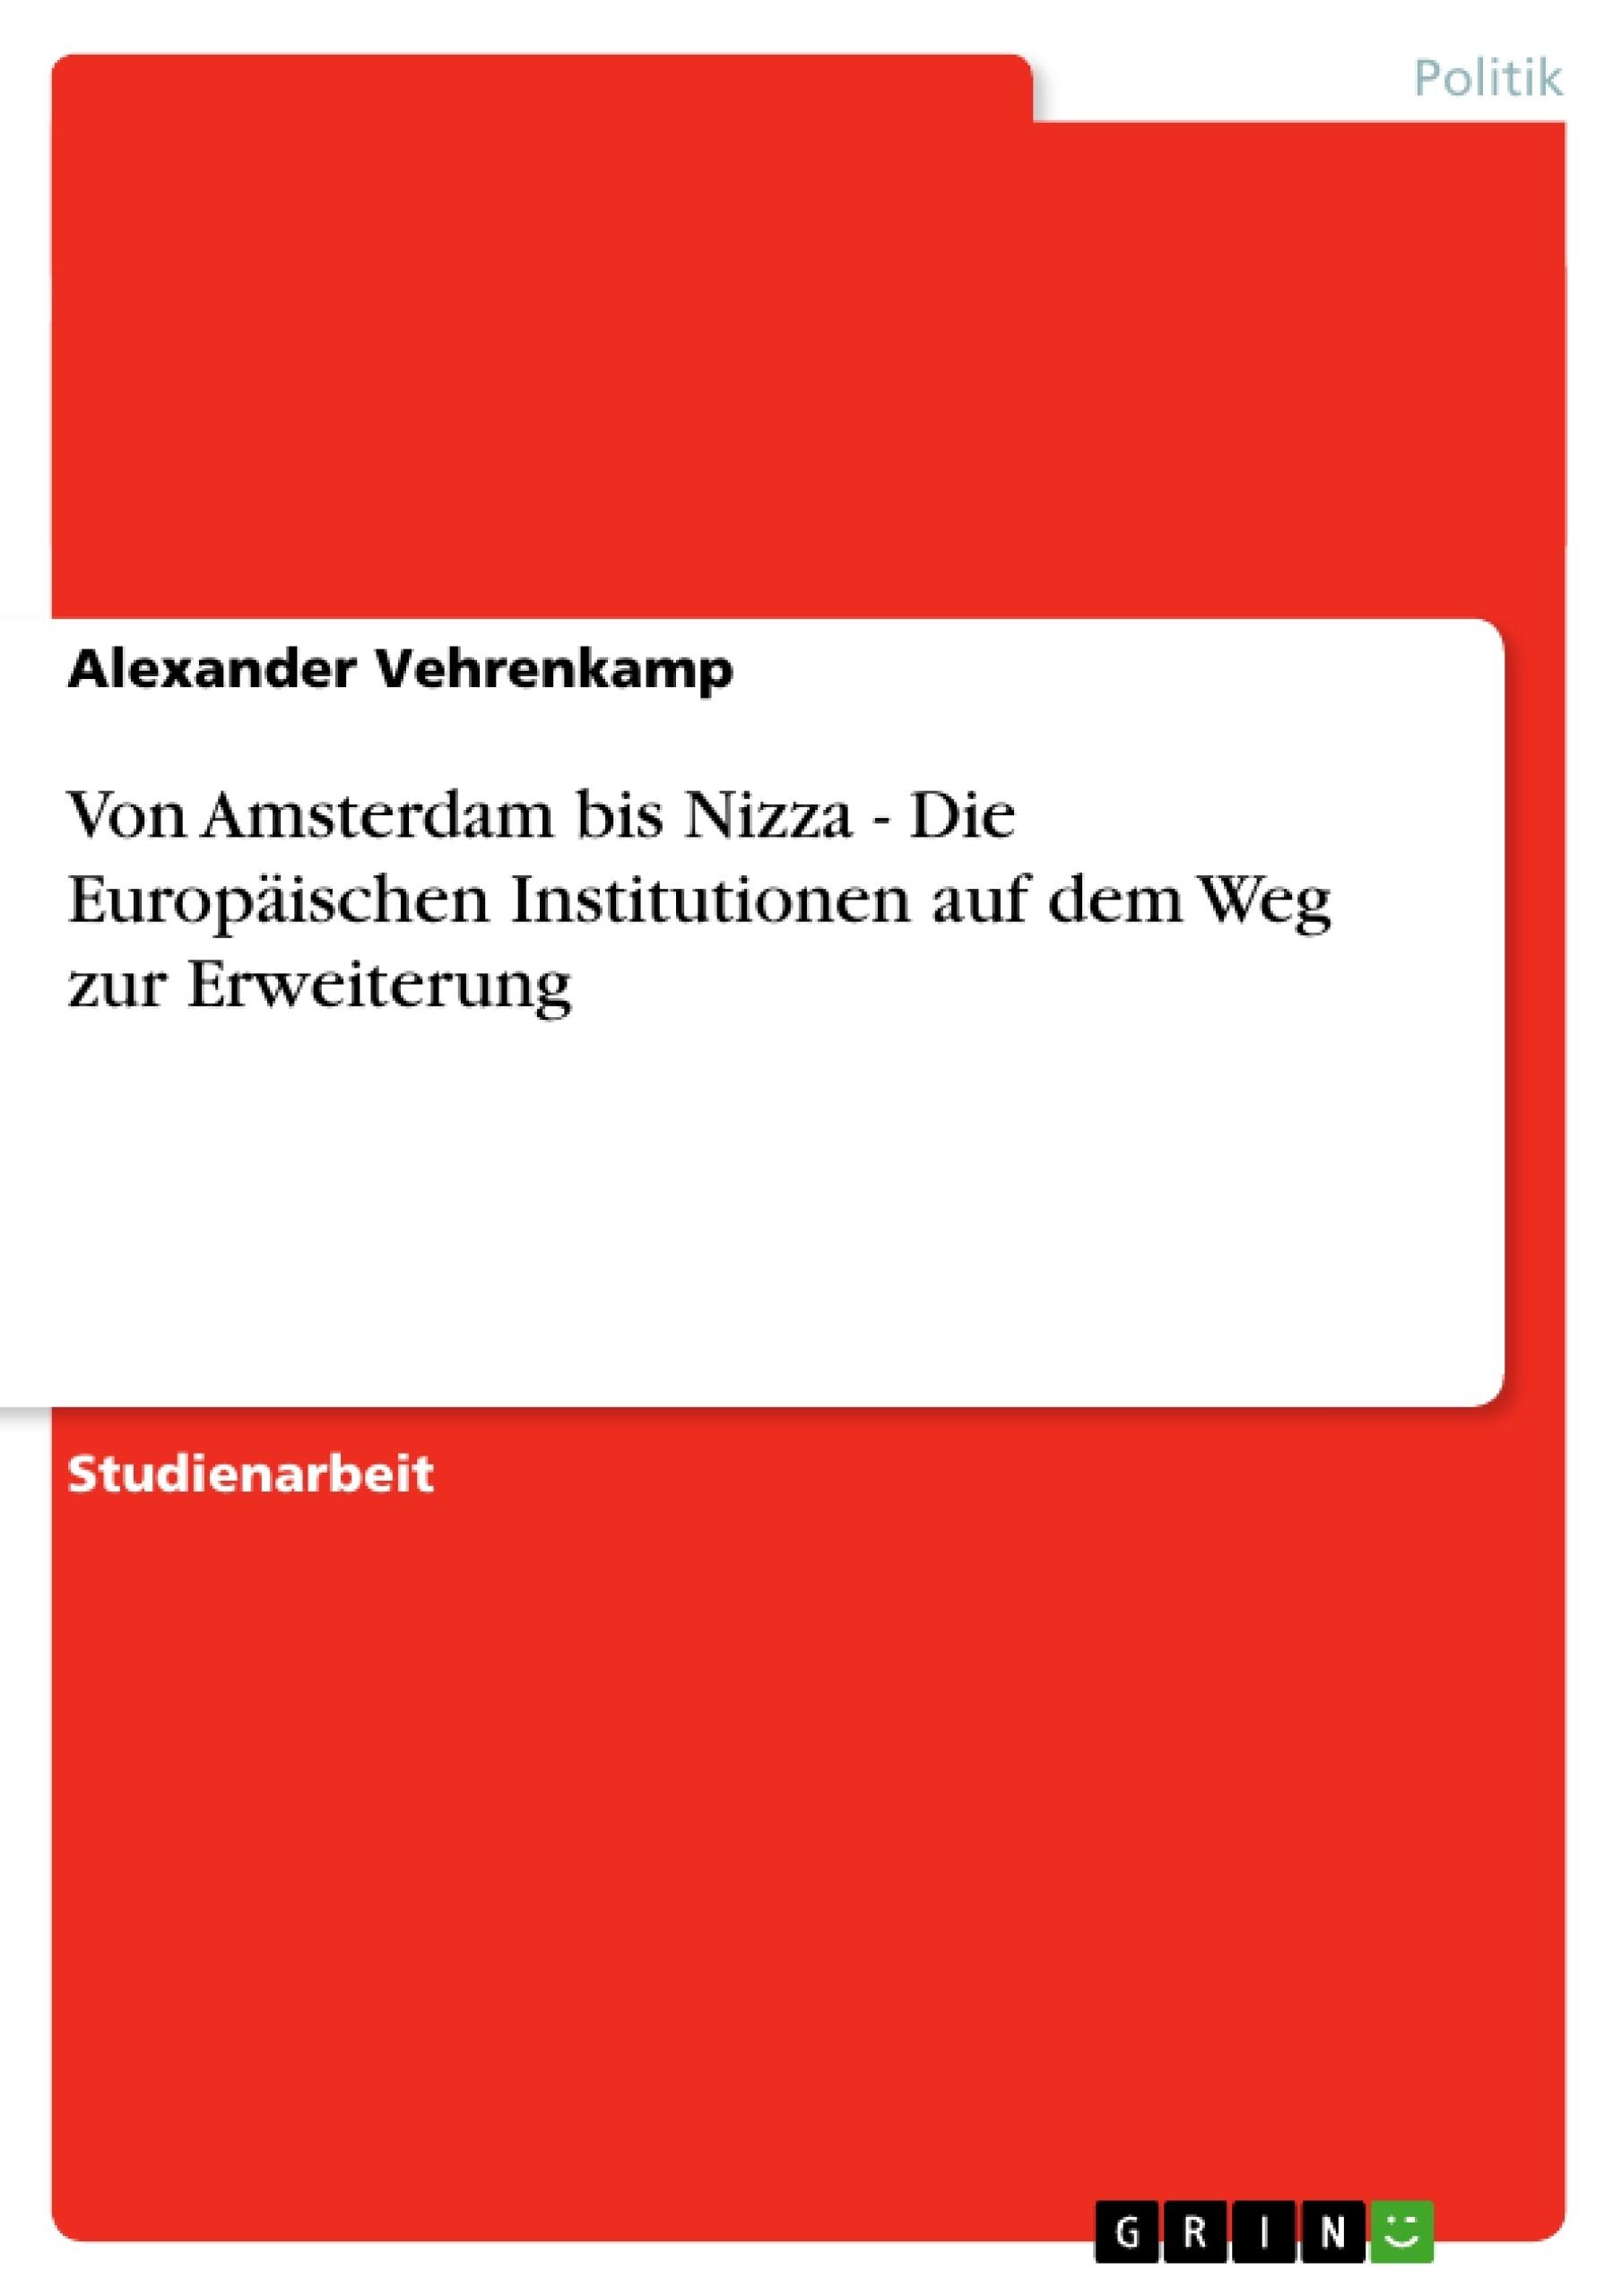 Titel: Von Amsterdam bis Nizza - Die Europäischen Institutionen auf dem Weg zur Erweiterung